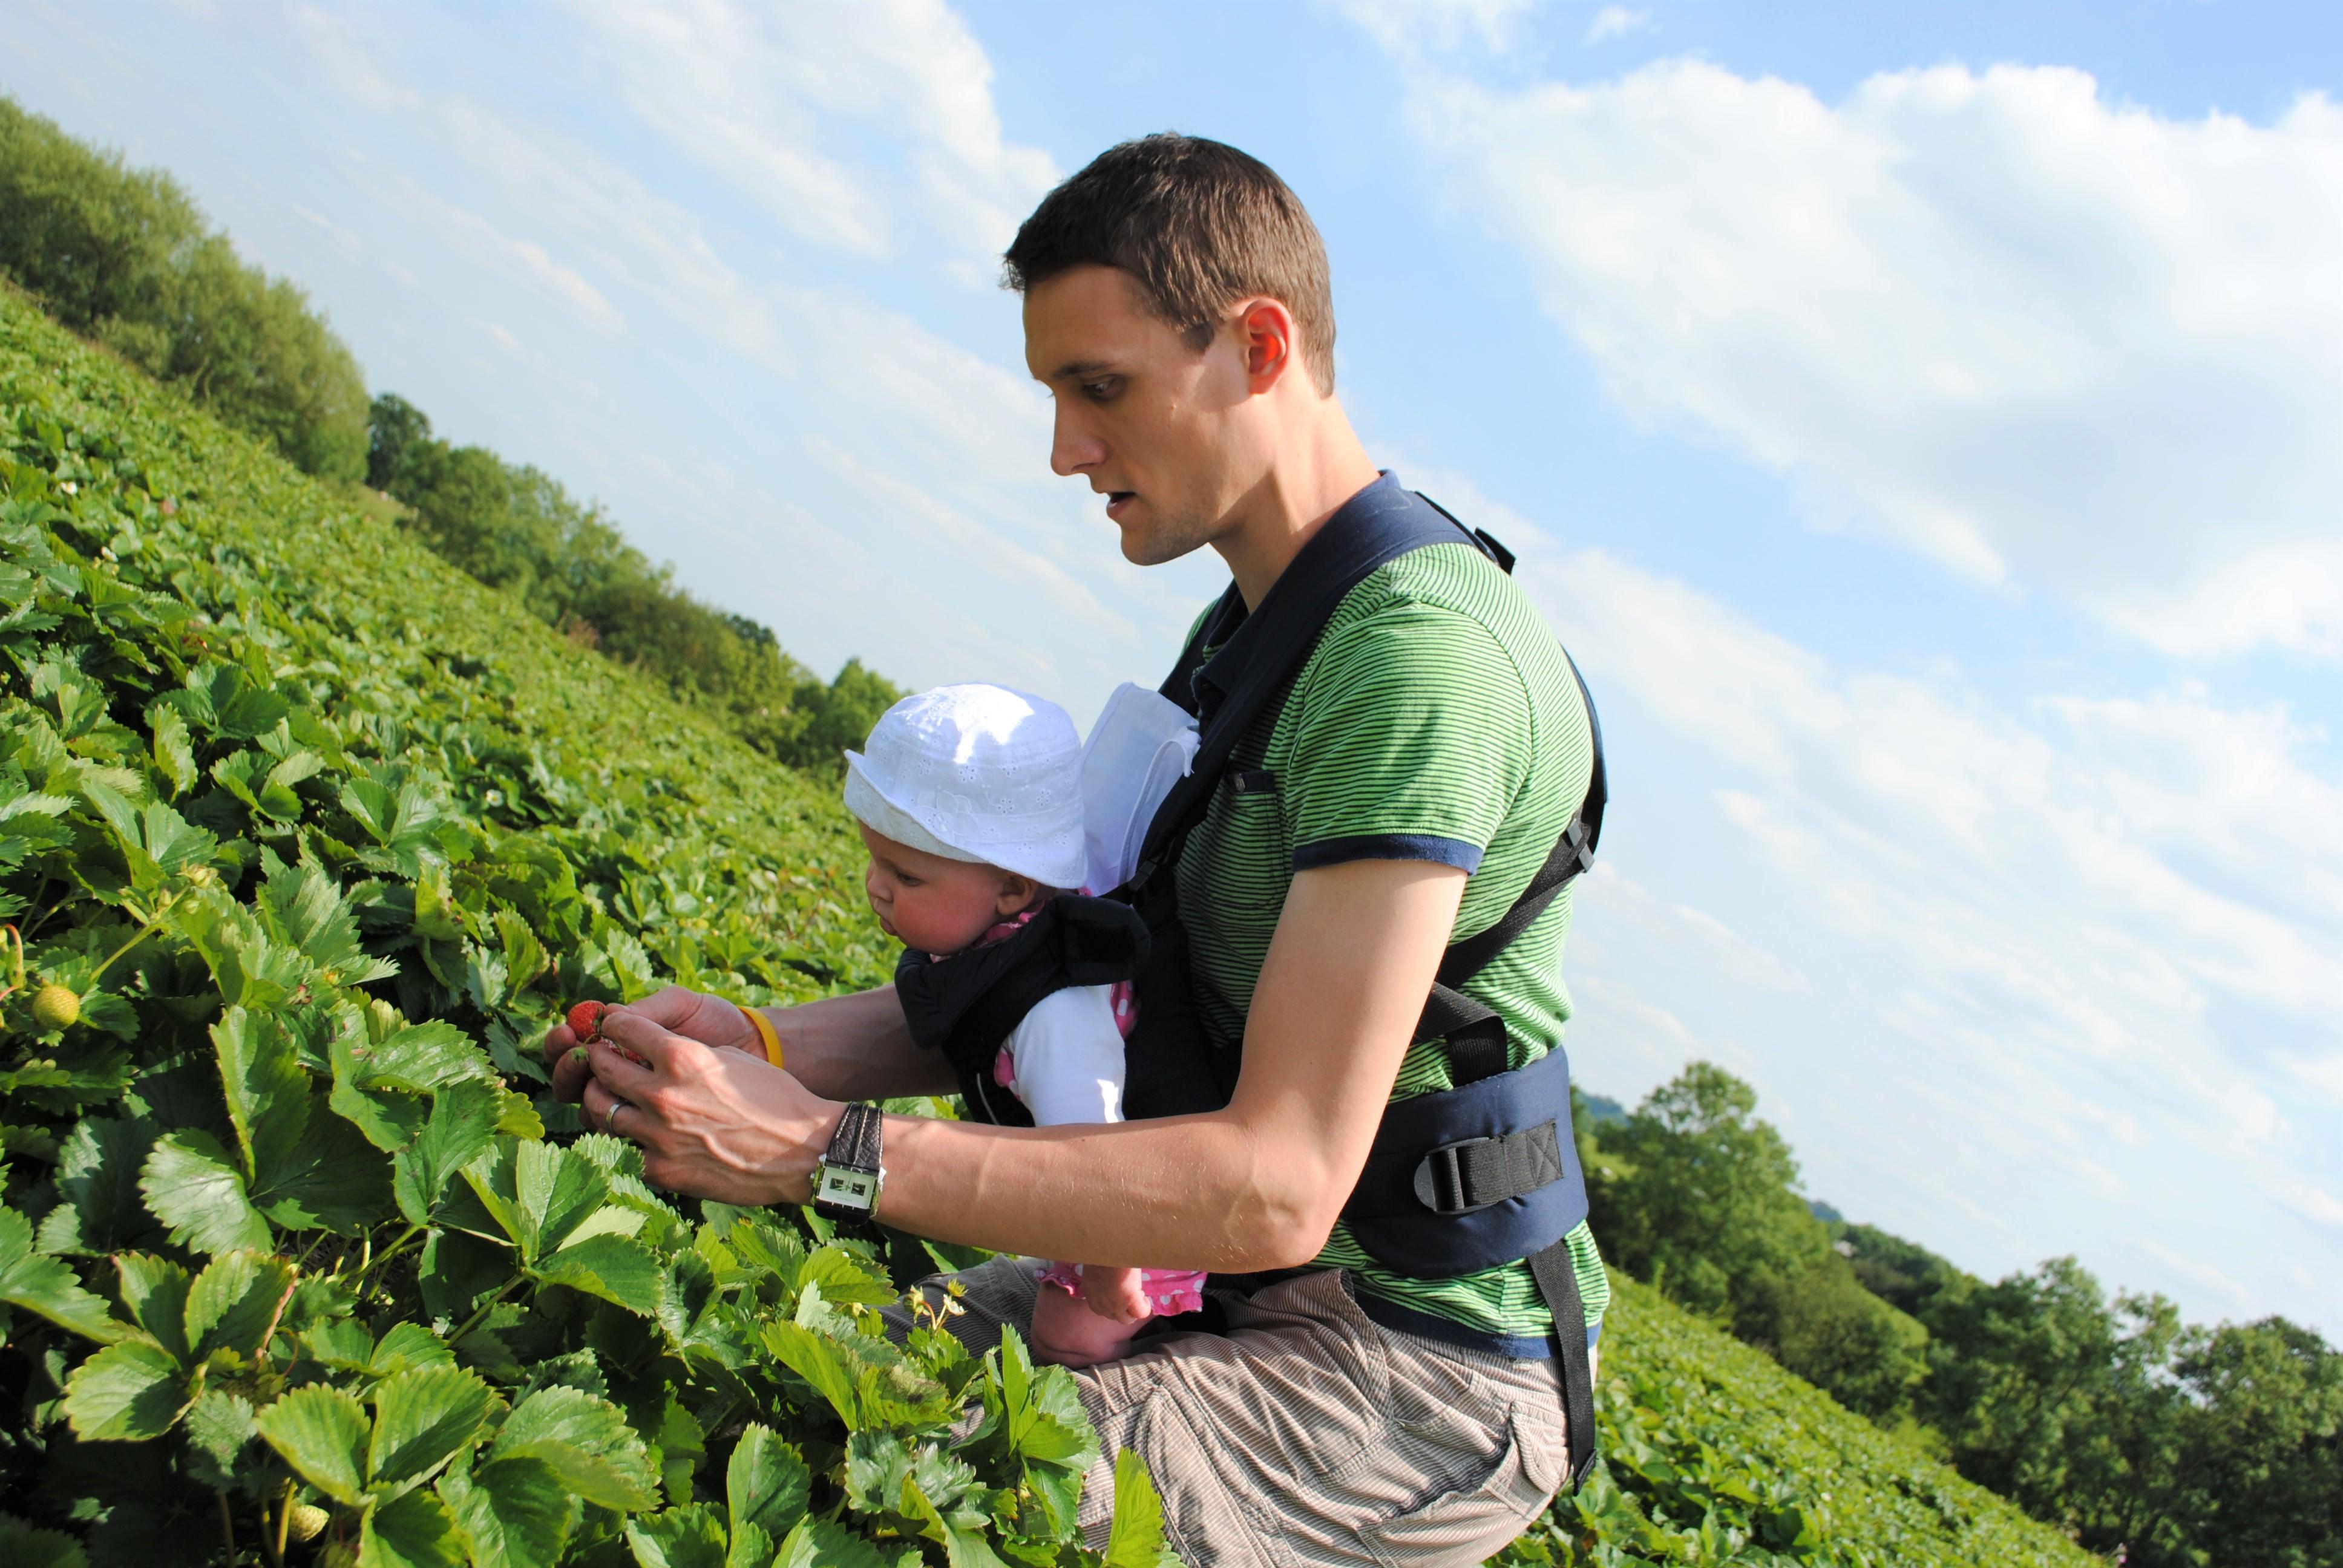 Strawberry picking Scaddows Derbyshire